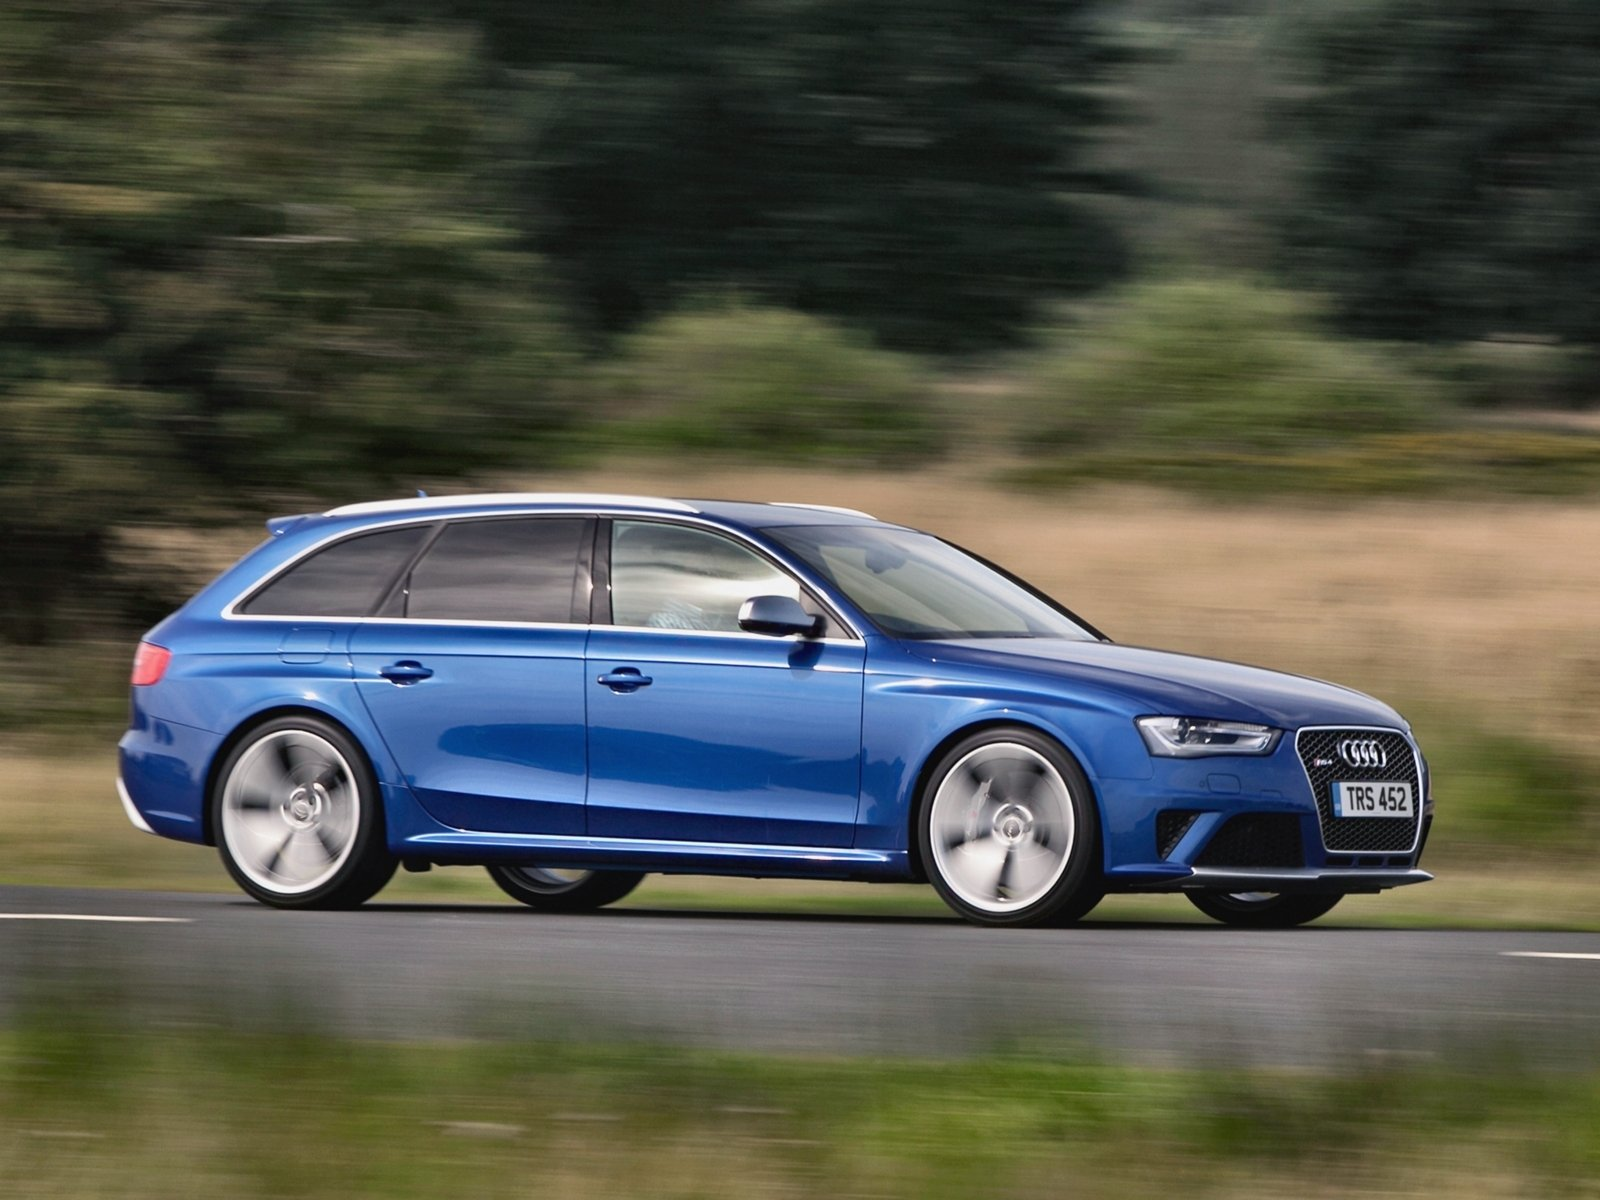 Audi-RS4_Avant-foto_b99351